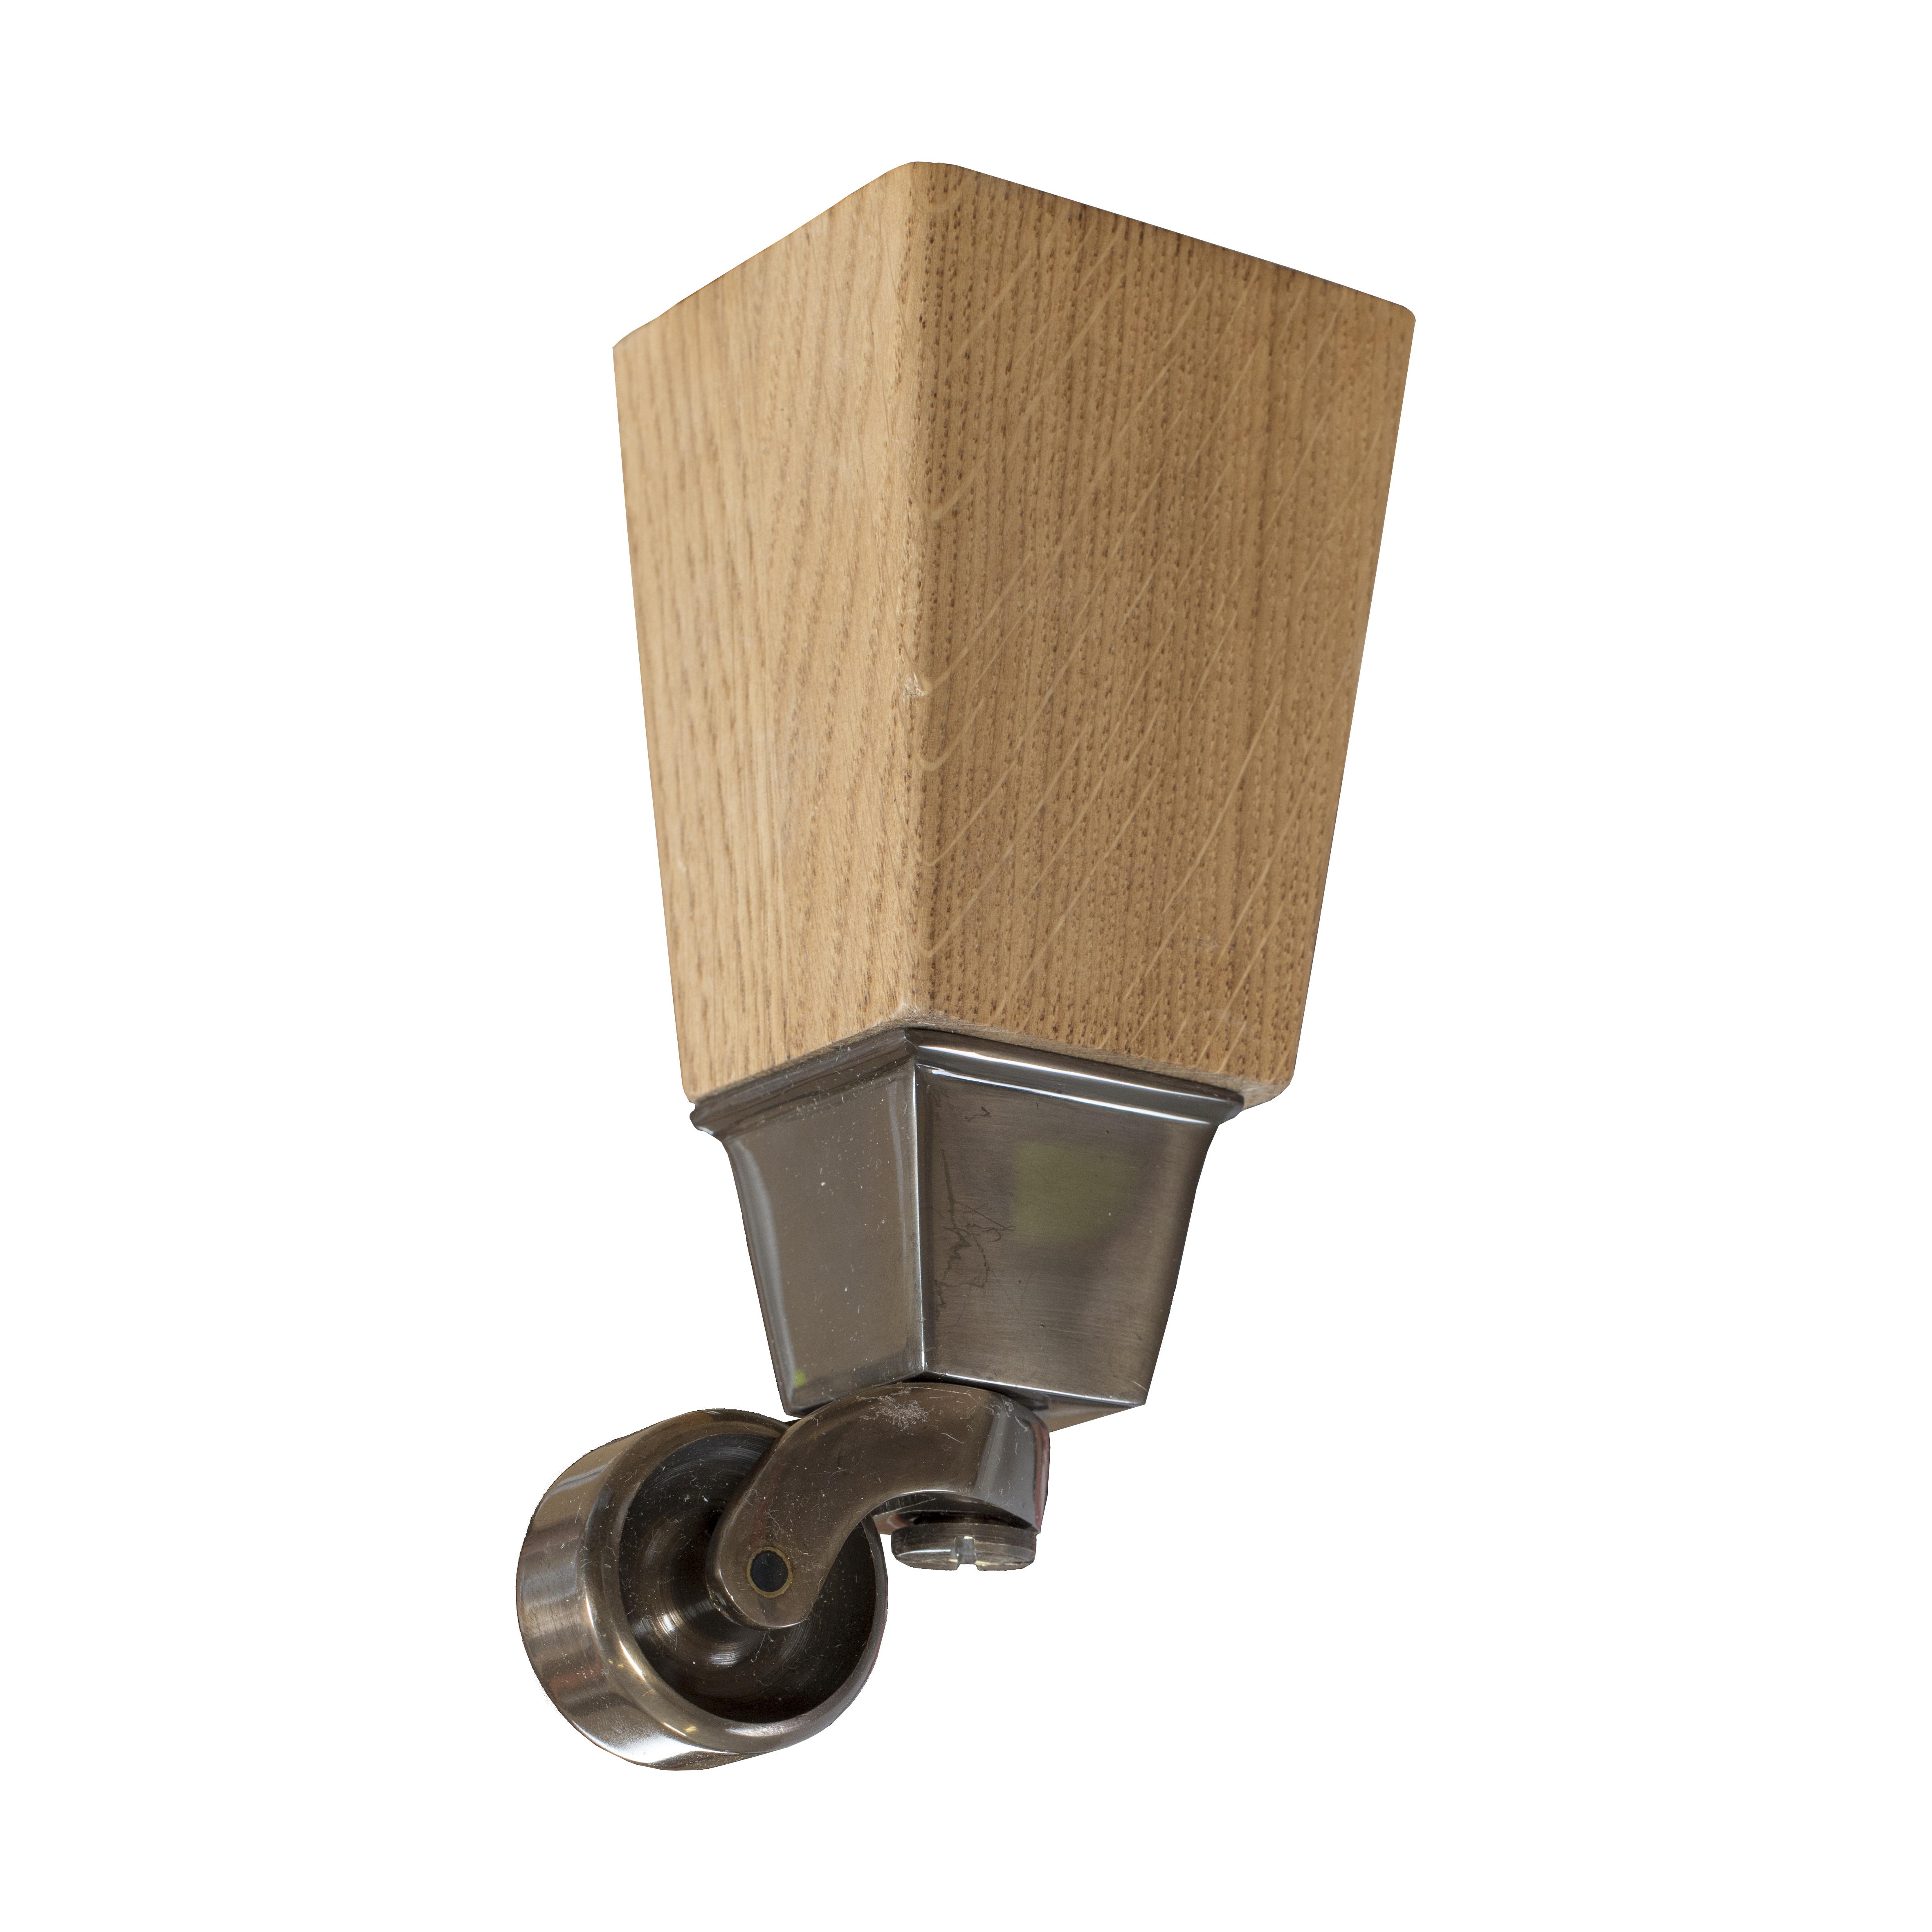 16 cm Carlton koniska ben i ek med hjul i antik mässing - englesson.se